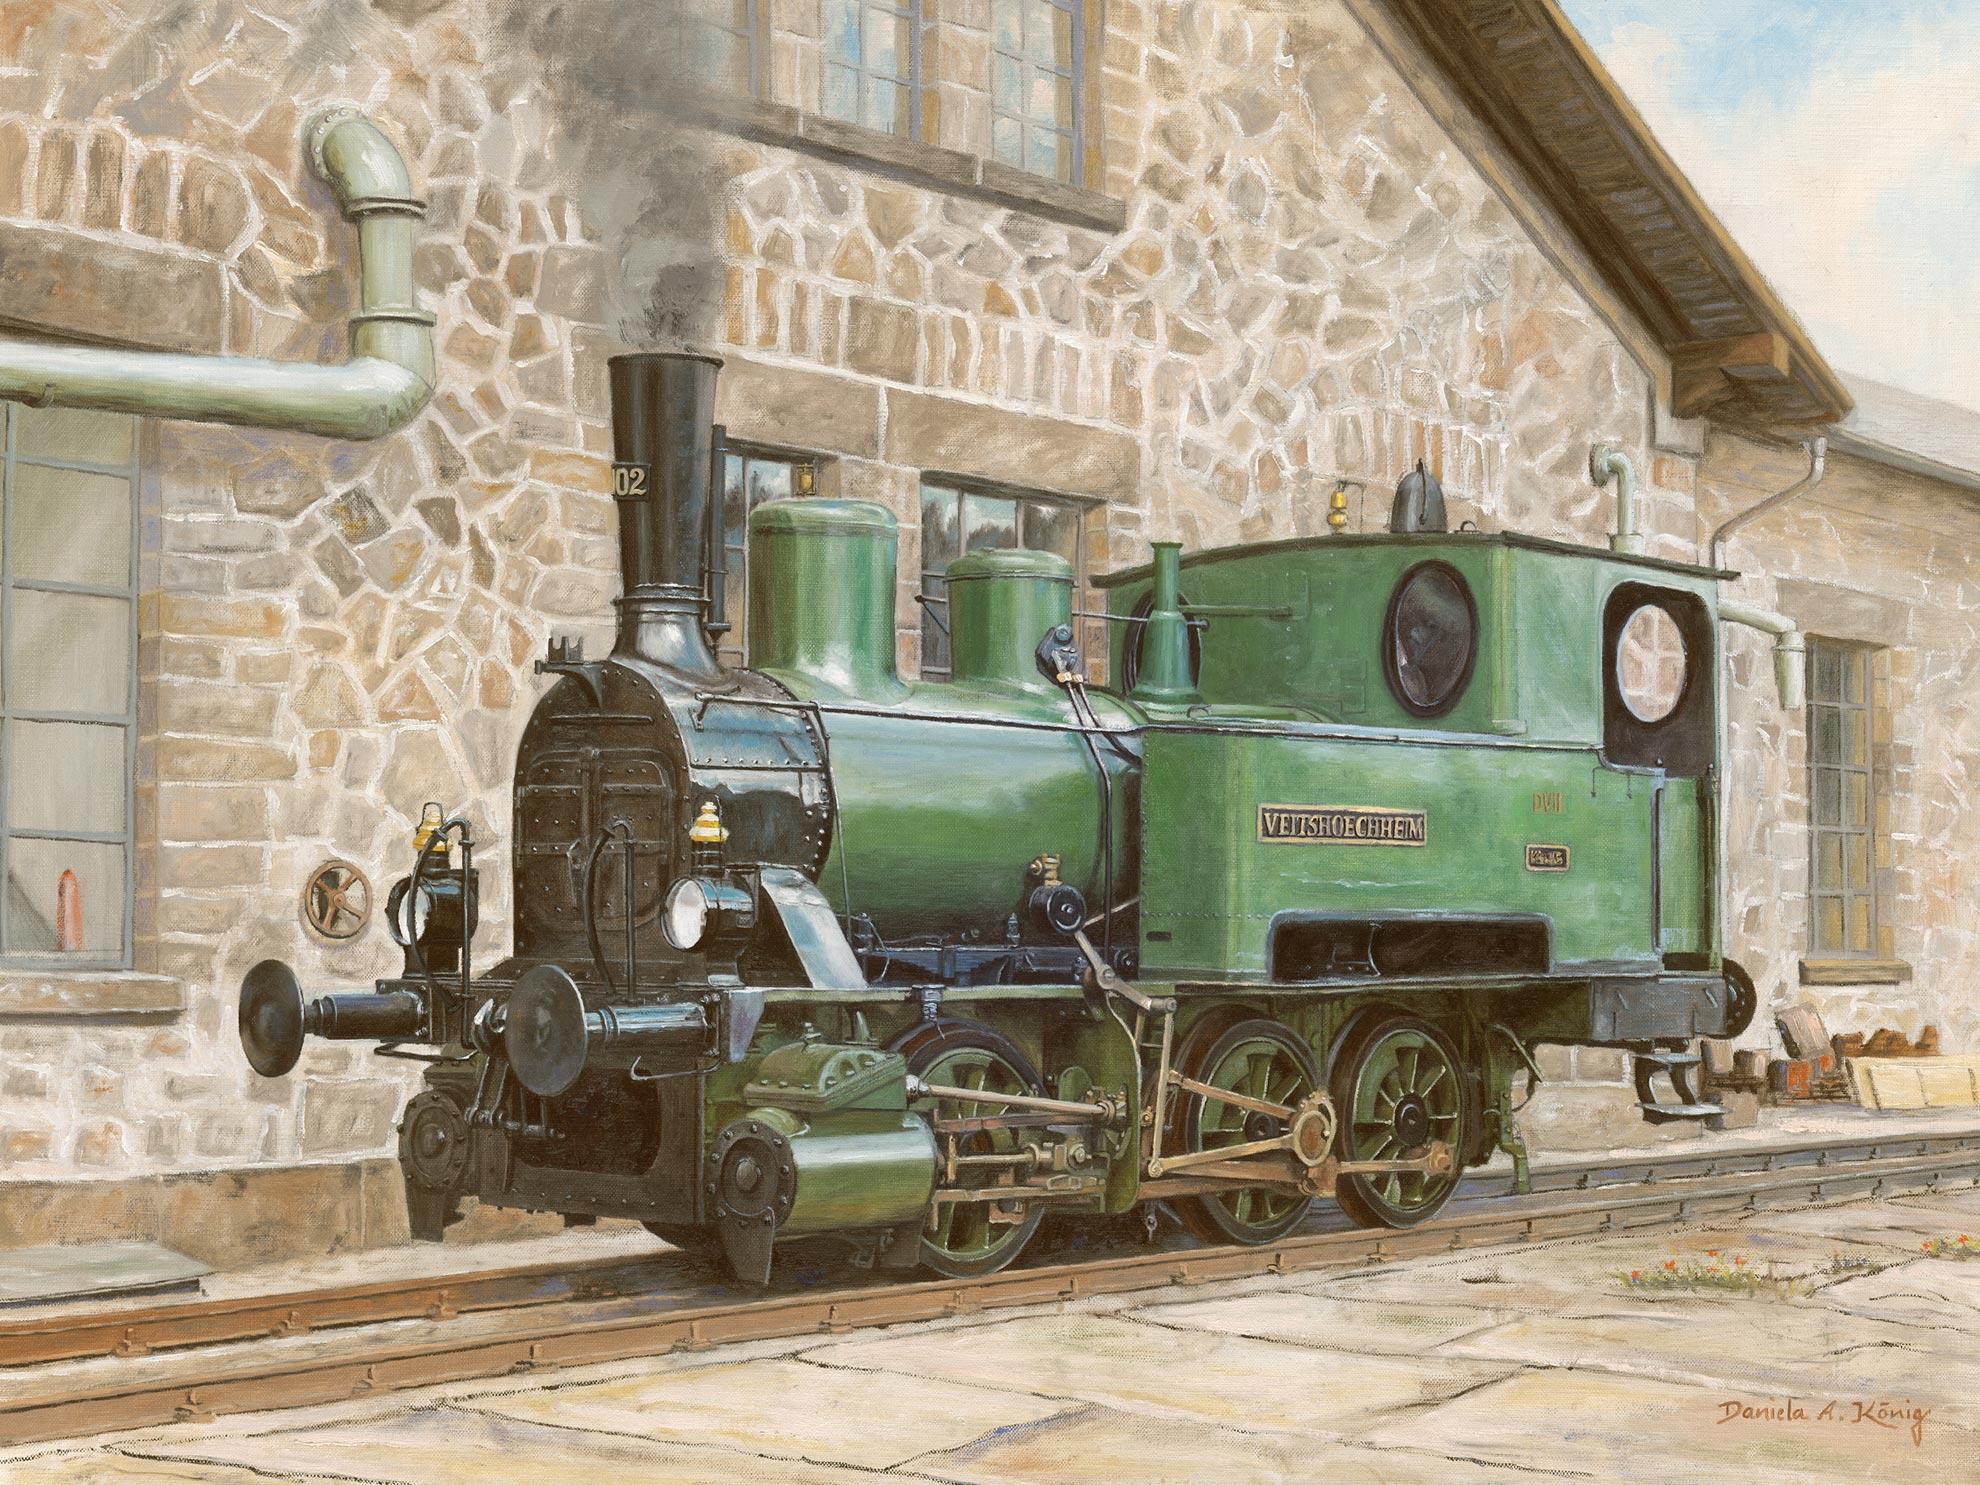 Dampflok Veitshöchheim - Bayerische Lokalbahnlokomotive D VII 102 (später DRG 98 7607) Vor Historischem Lokschuppen - 60 X 80 Cm - Öl Auf Leinen